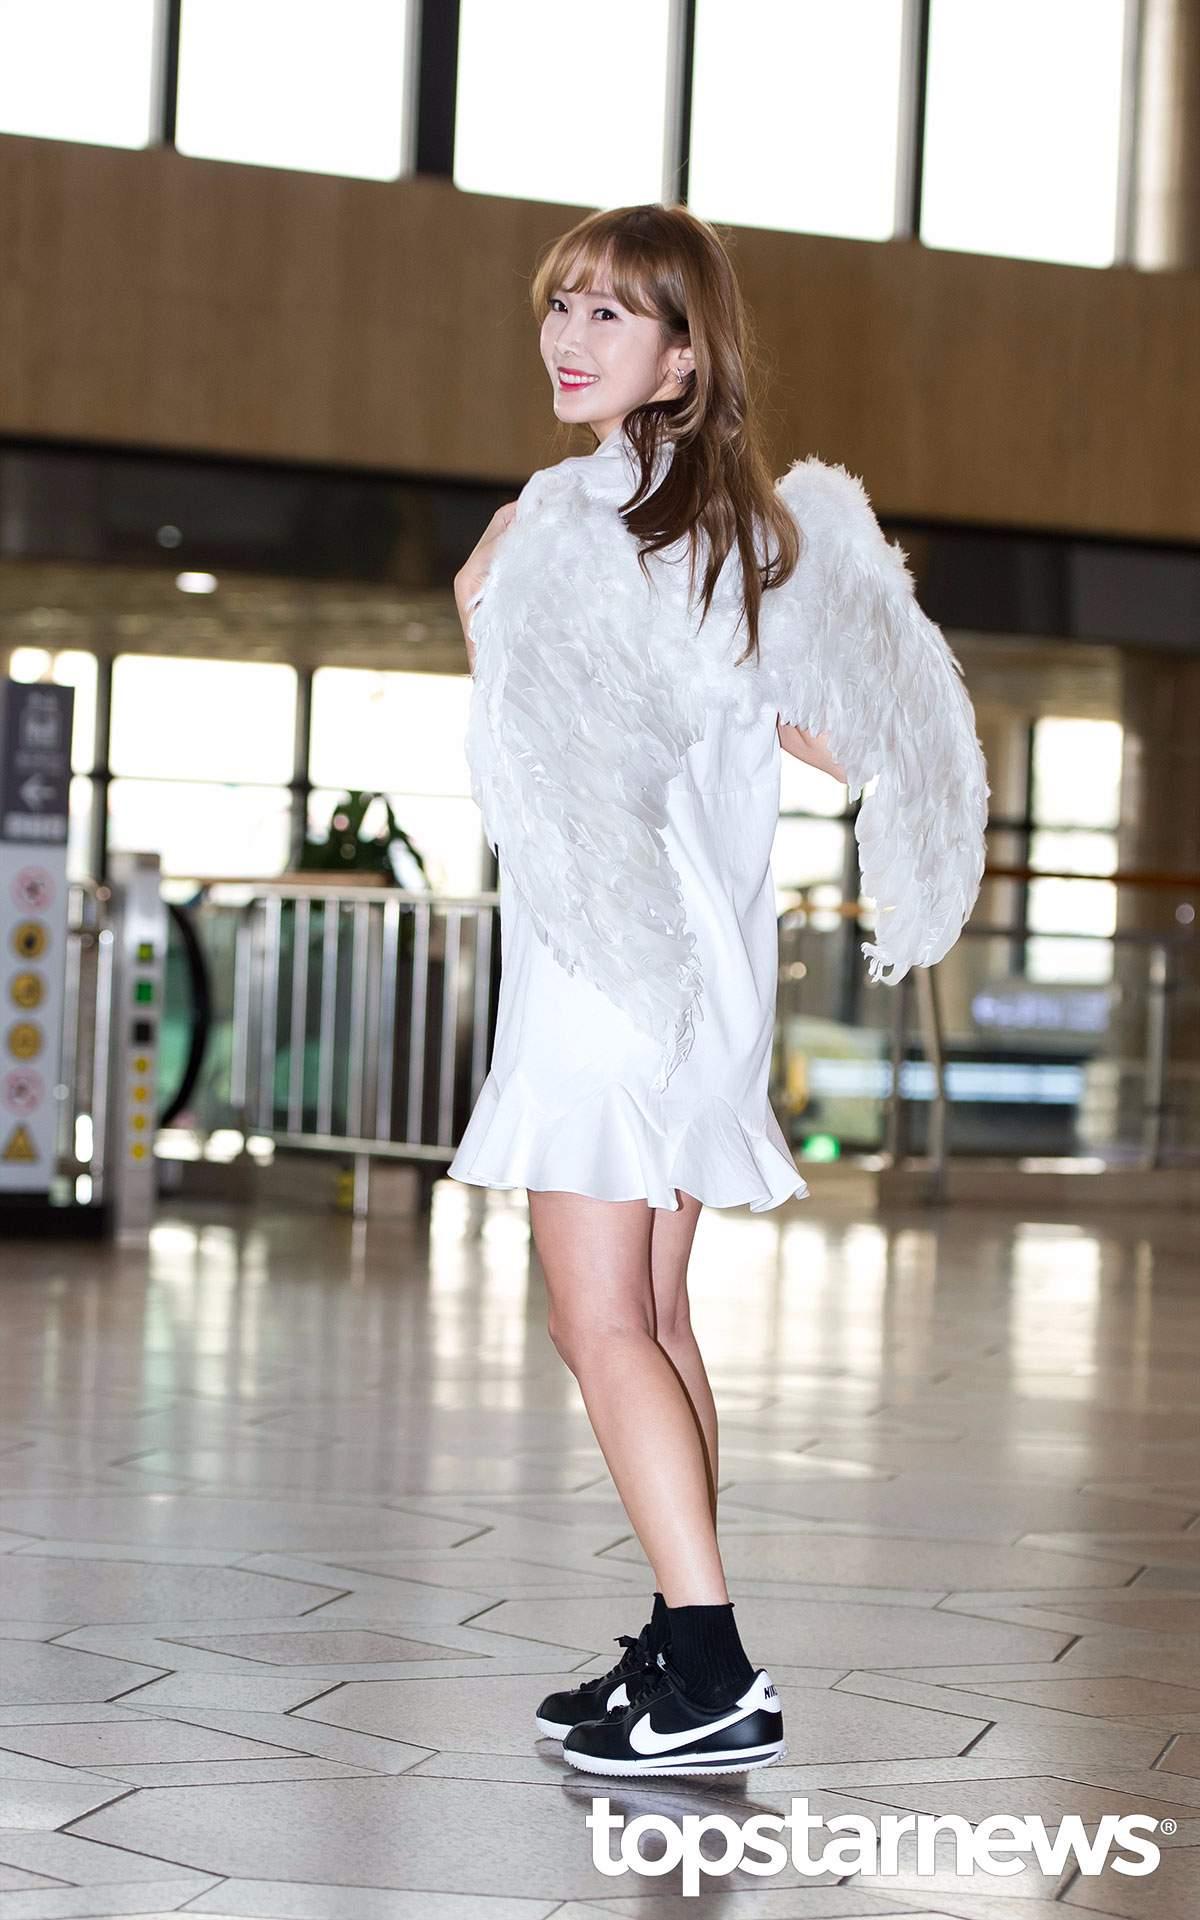 暖心的潔西卡曾為履行跟粉絲的音源一位約定,身著翅膀裝亮相機場,在採訪的當天還特別感謝了支持自己的粉絲。